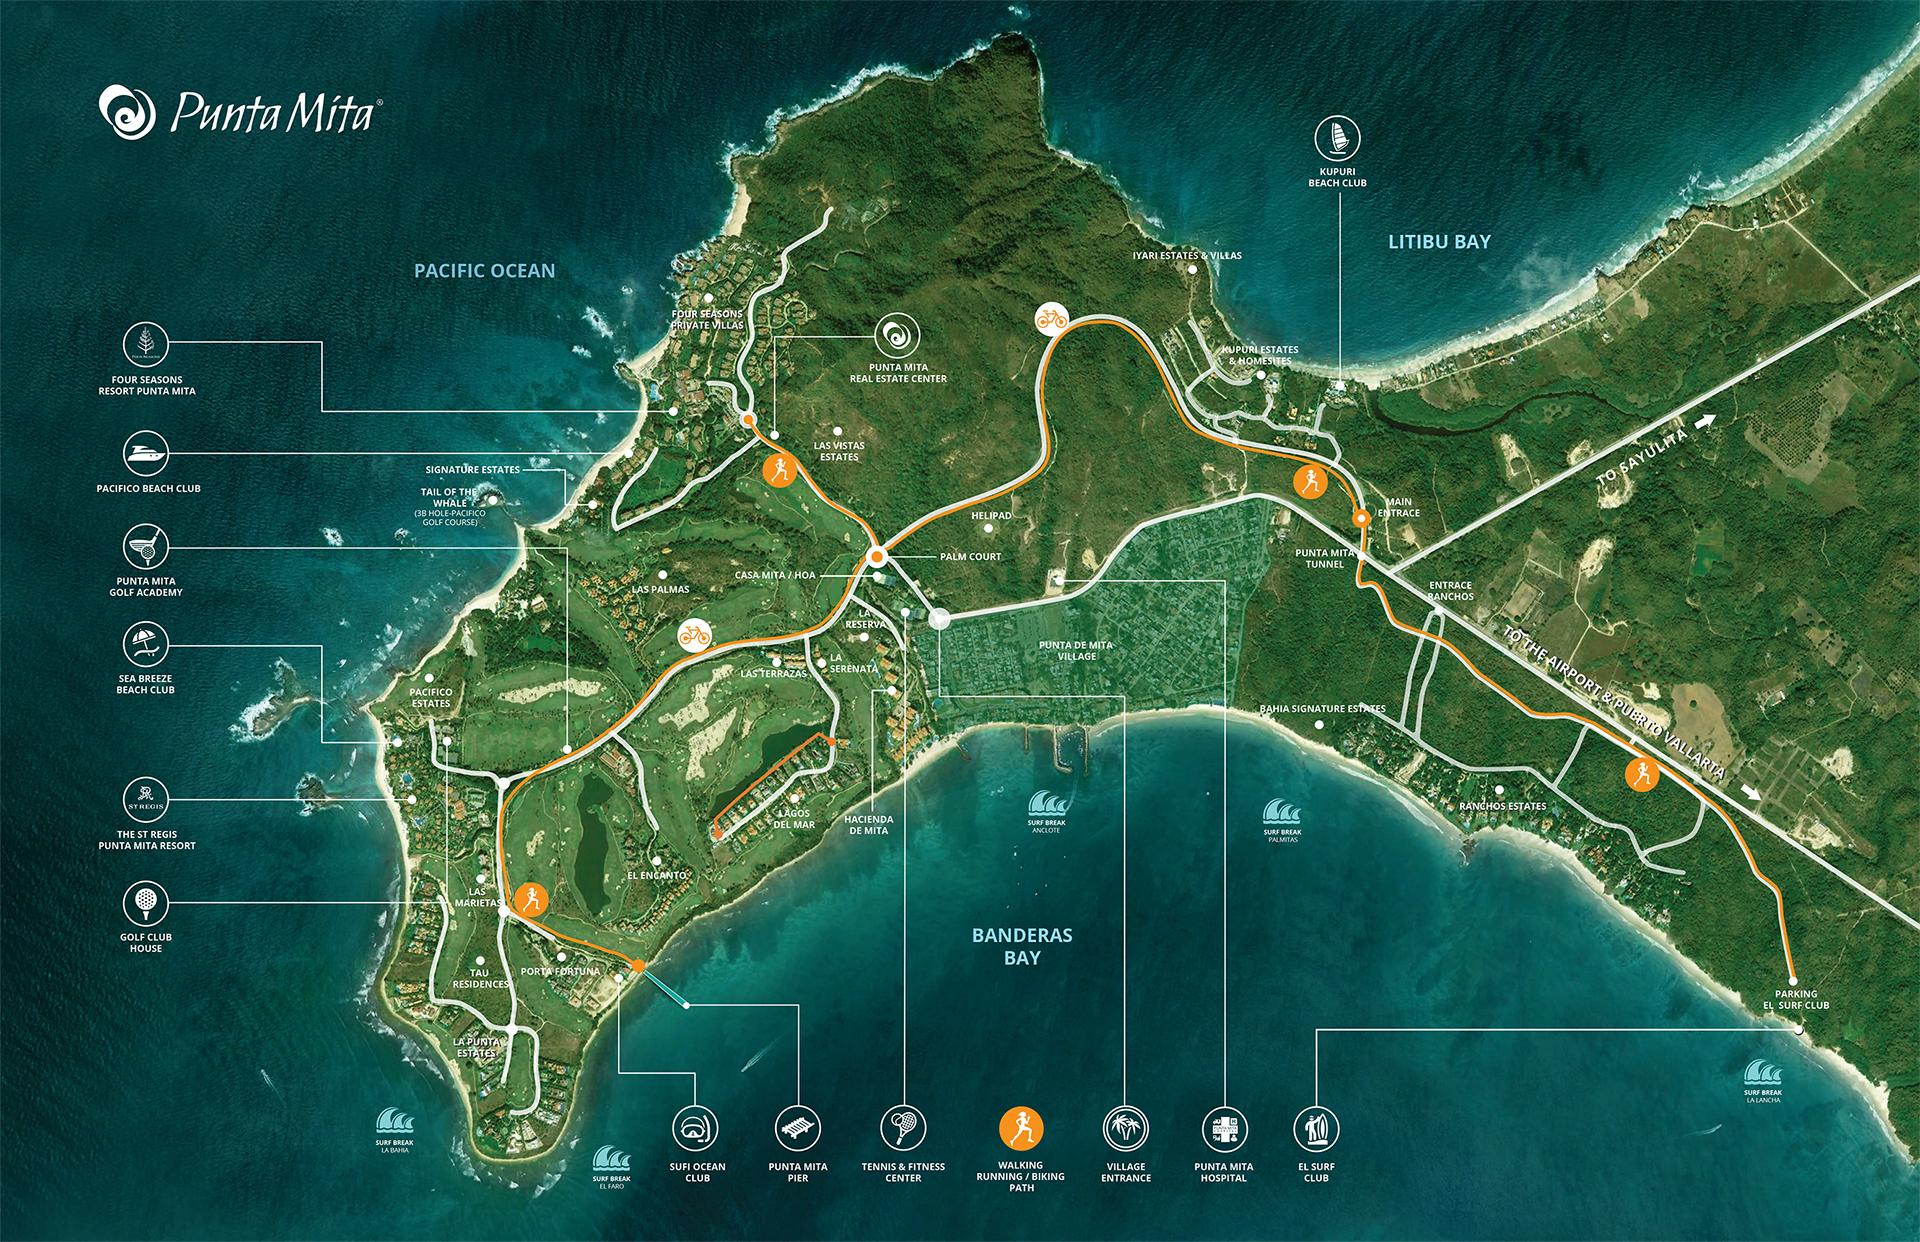 Punta Mita Map